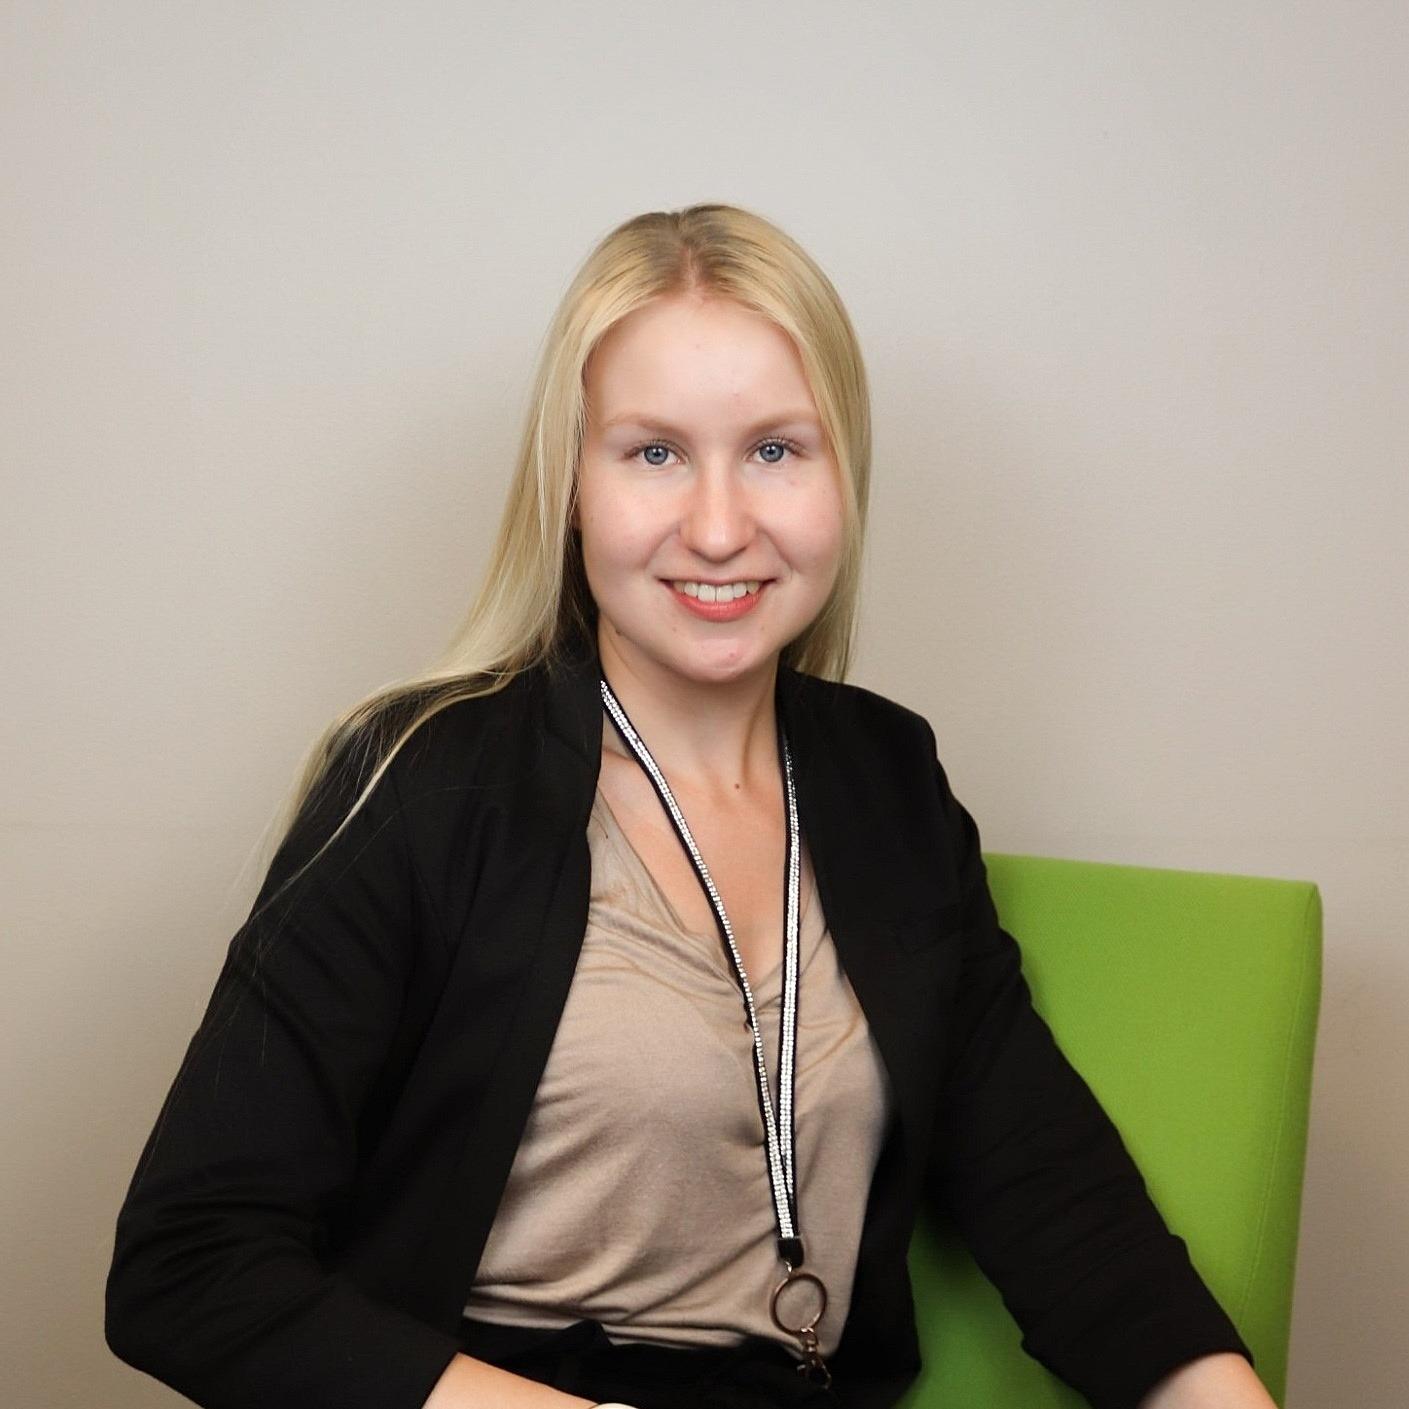 Ilona Jyrkinen